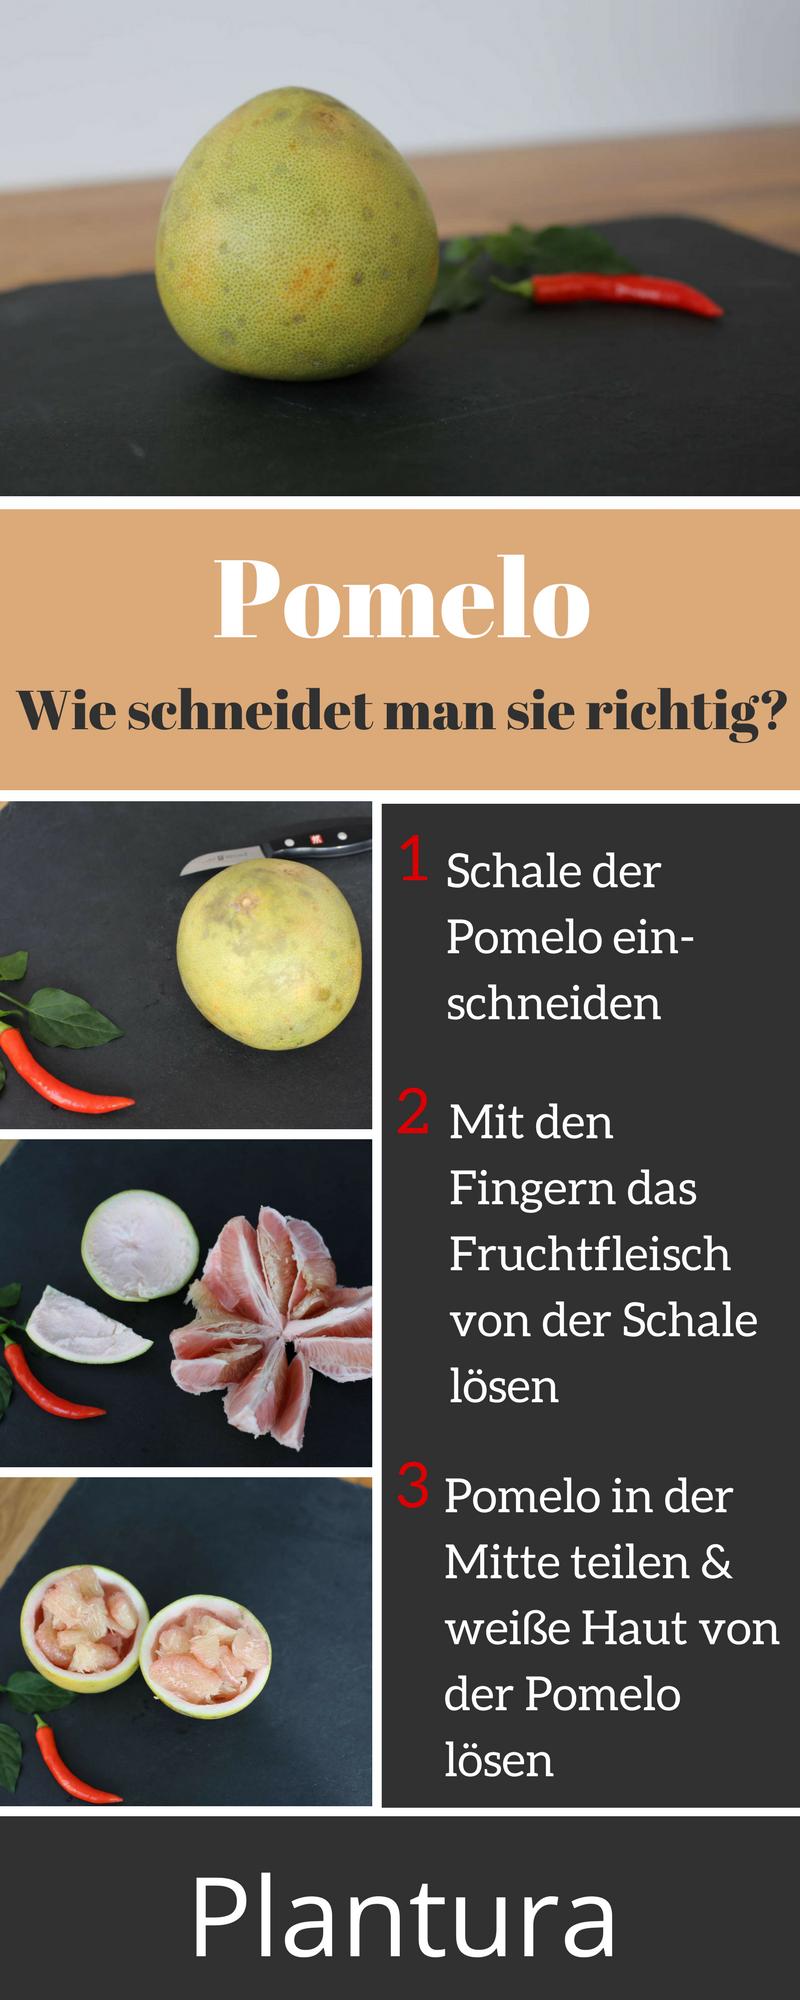 Pomelo: Wie gesund ist die Tropenfrucht wirklich?